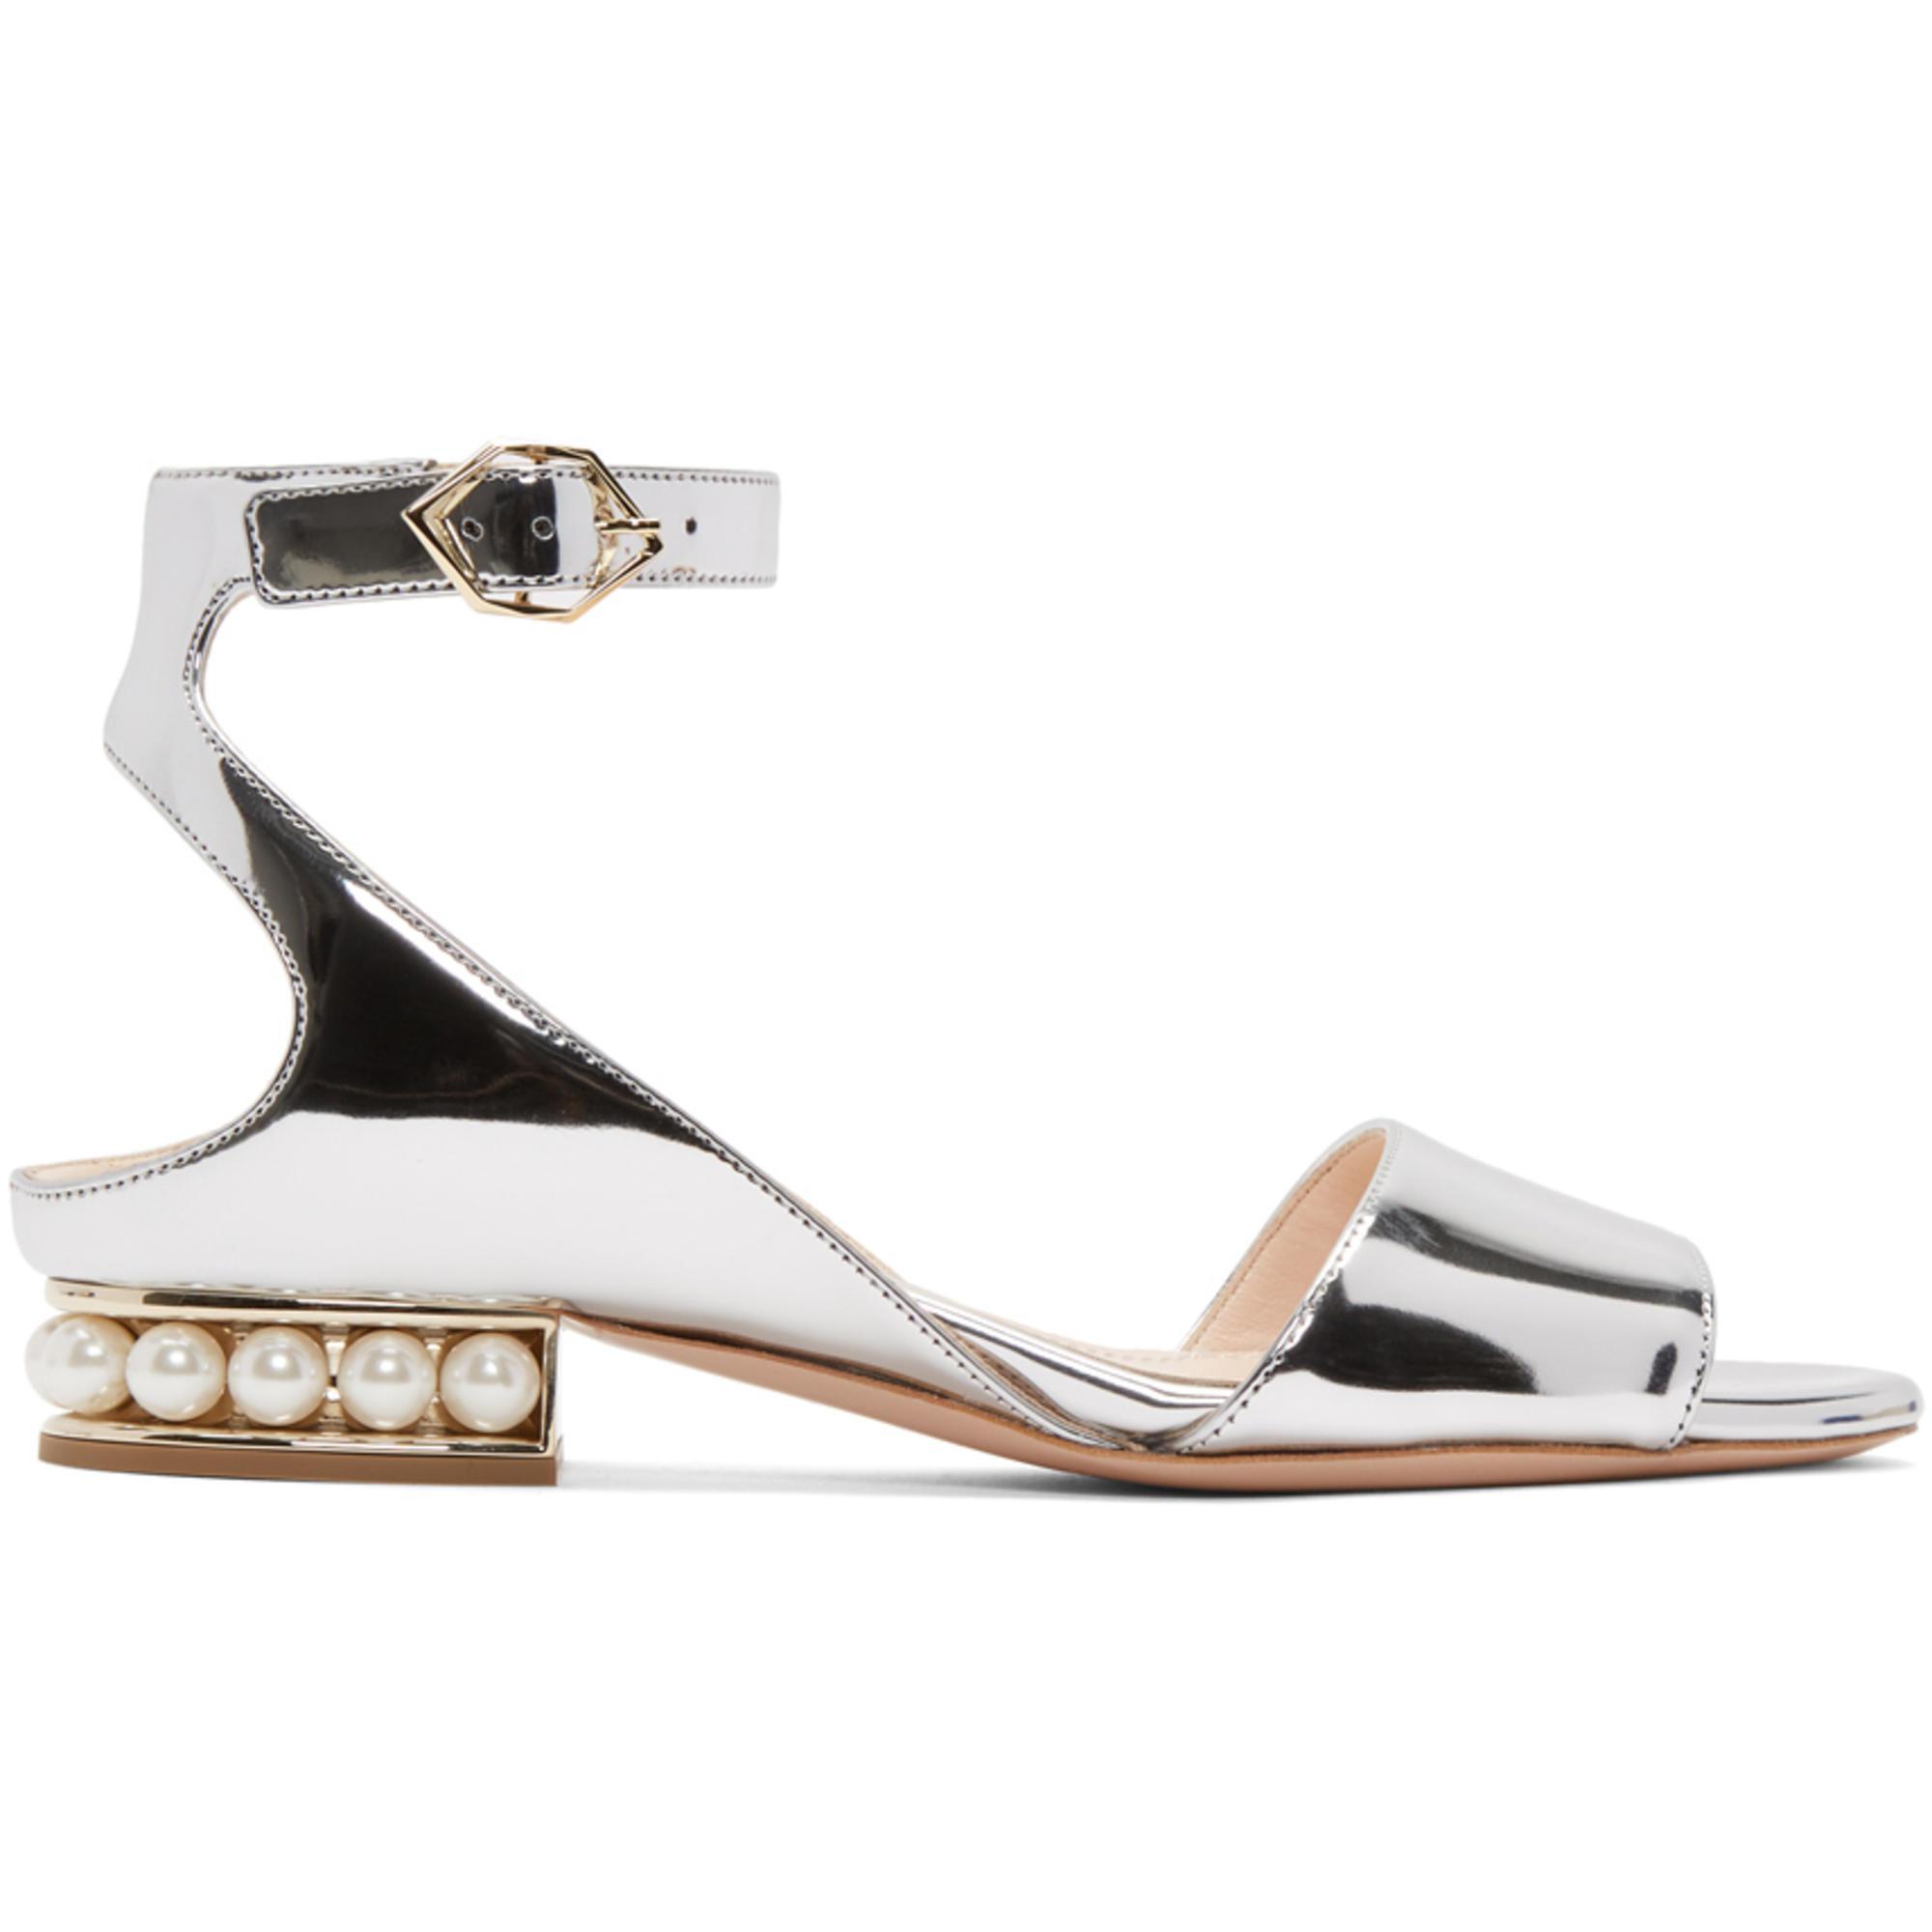 8a8f13b6adf Lyst - Nicholas Kirkwood Silver Metallic Lola Pearl Sandals in Metallic